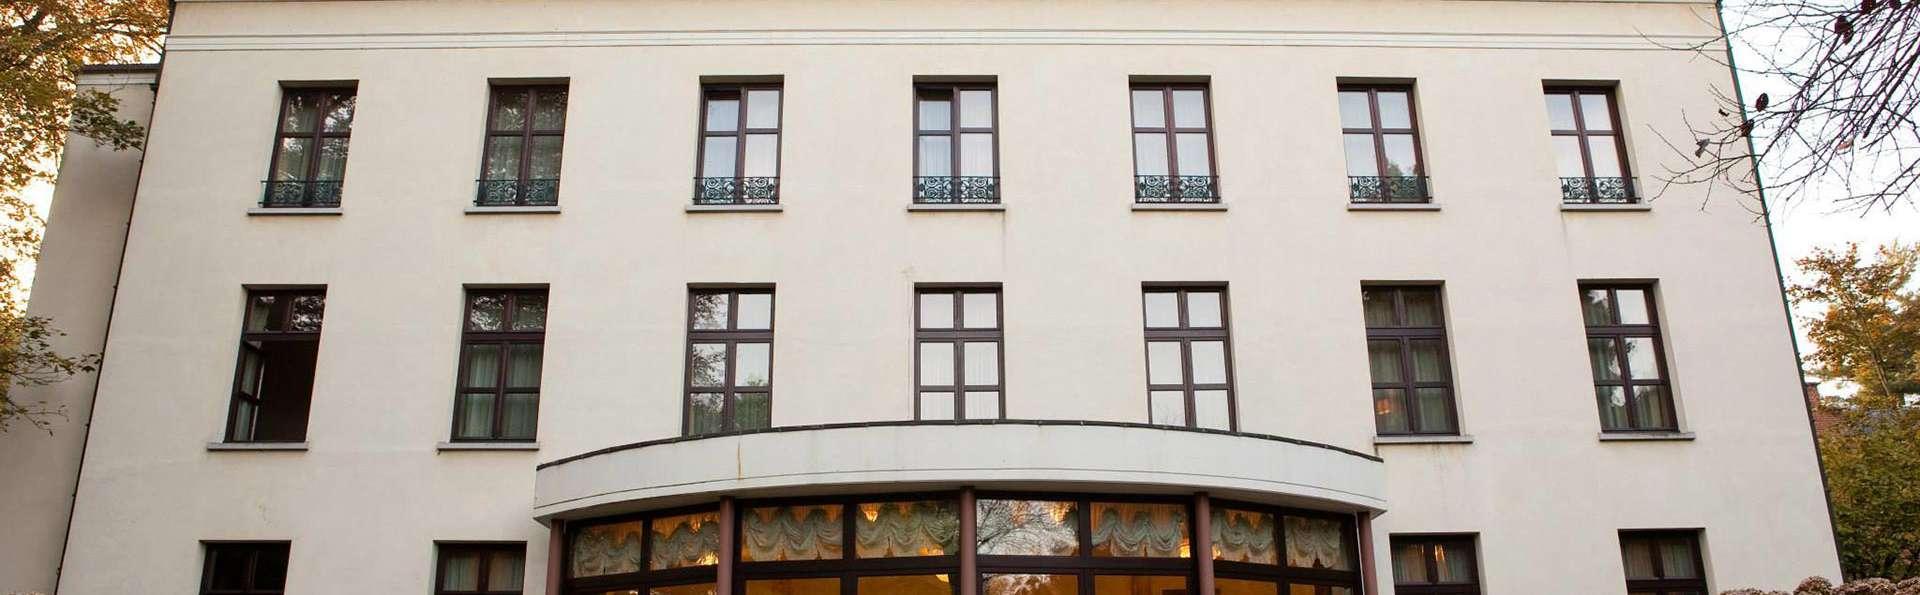 Kasteel Solhof - EDIT_front.jpg